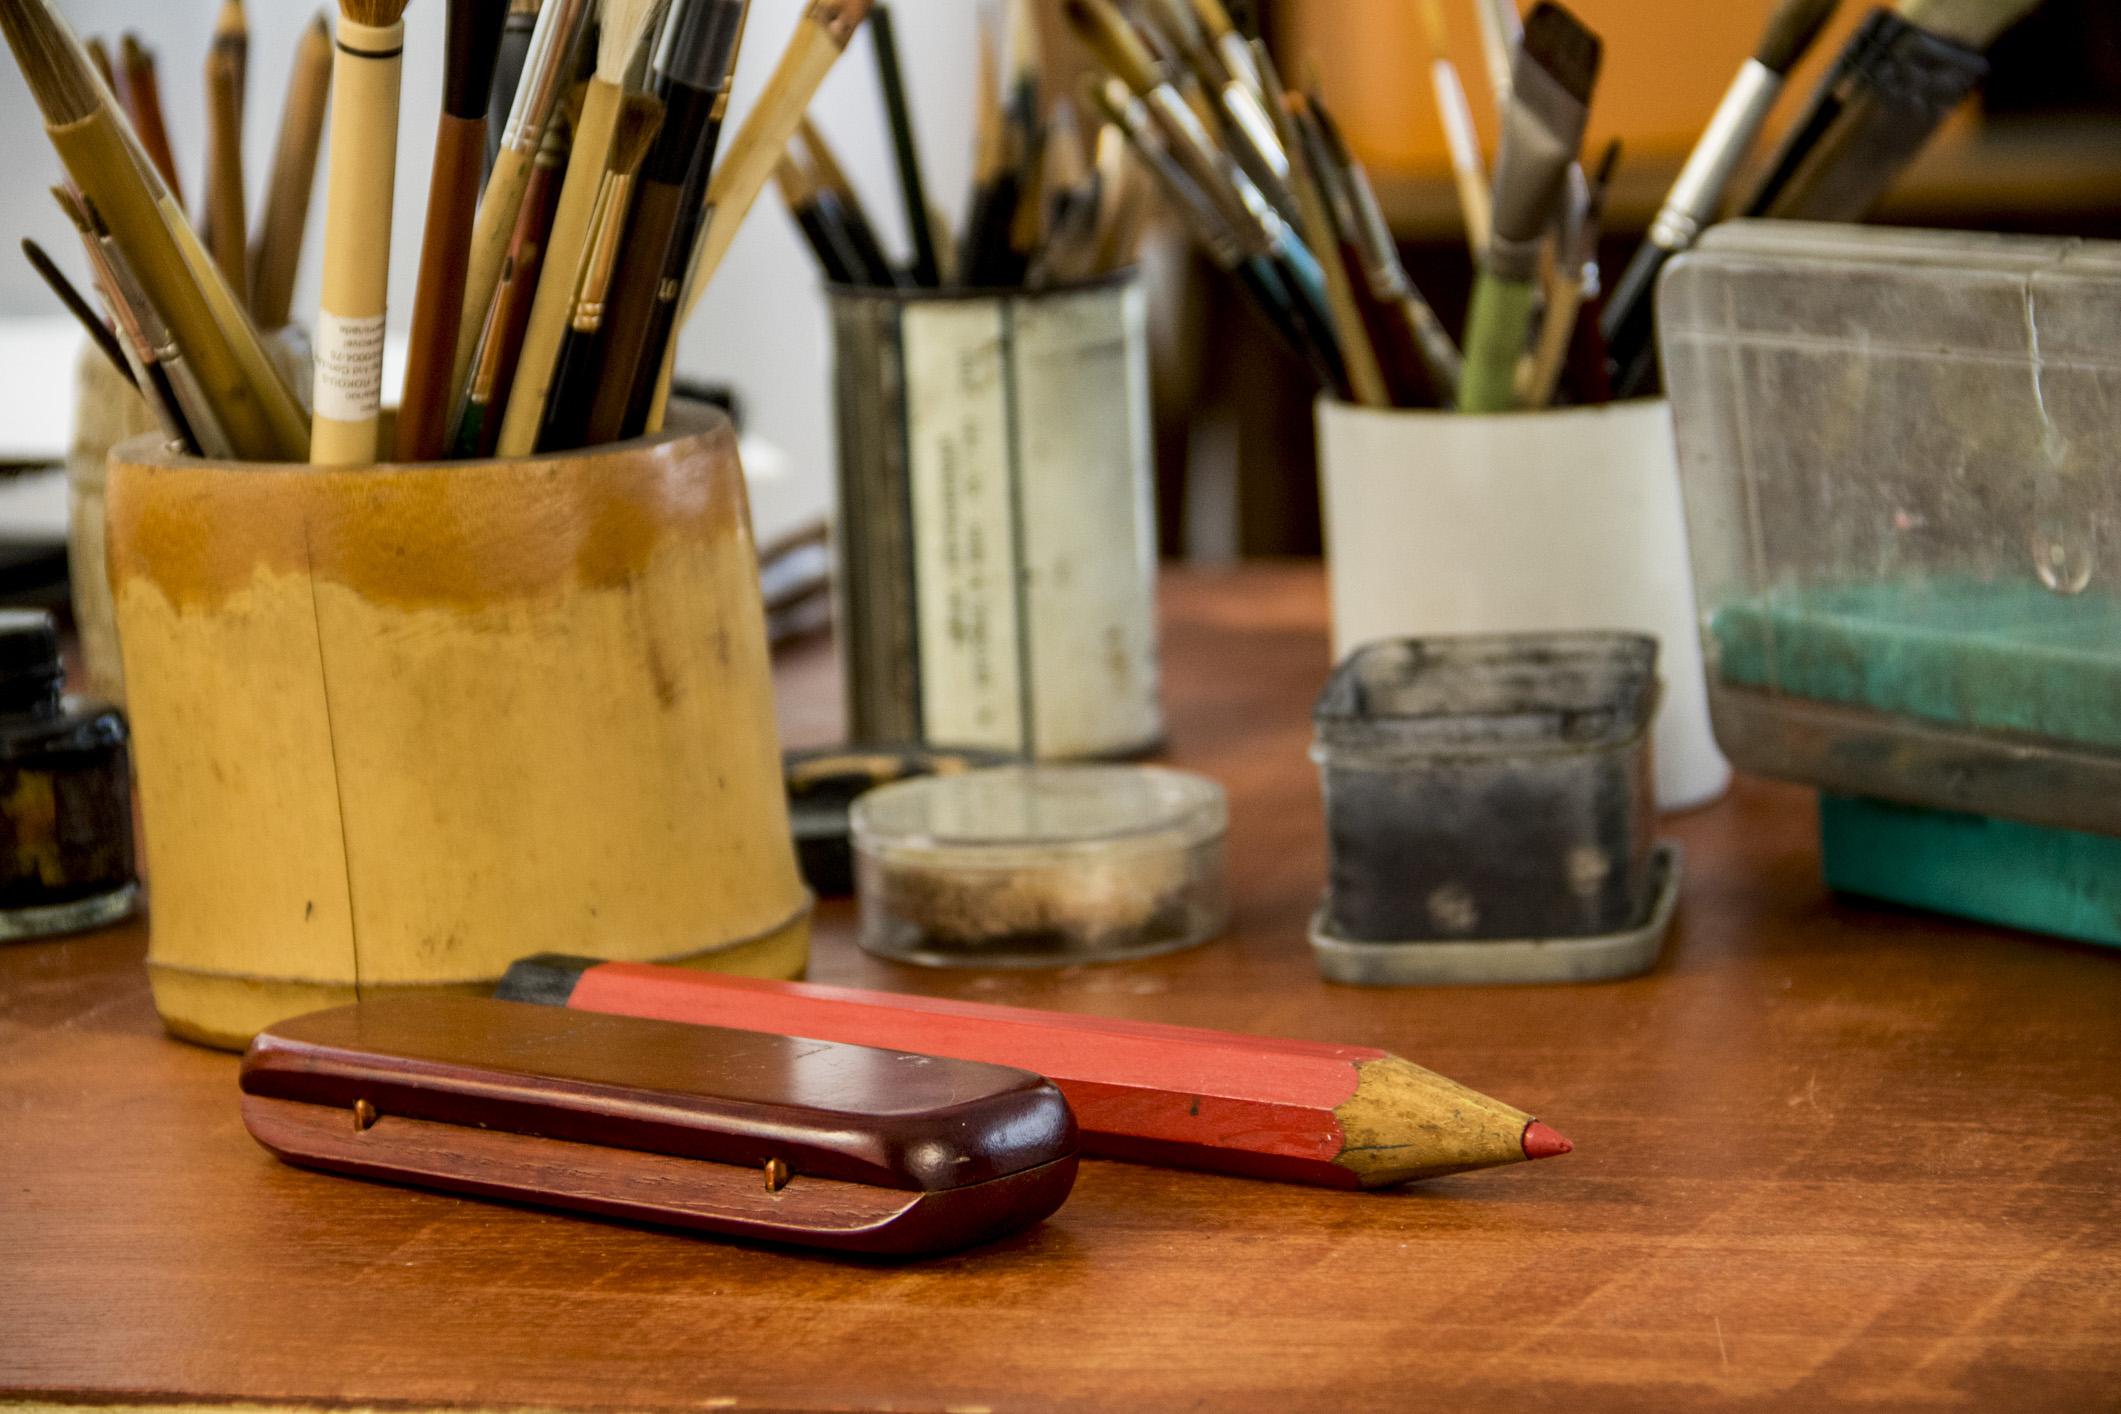 Mundo perfeito: os materiais de trabalho do artista plástico e arte-educador